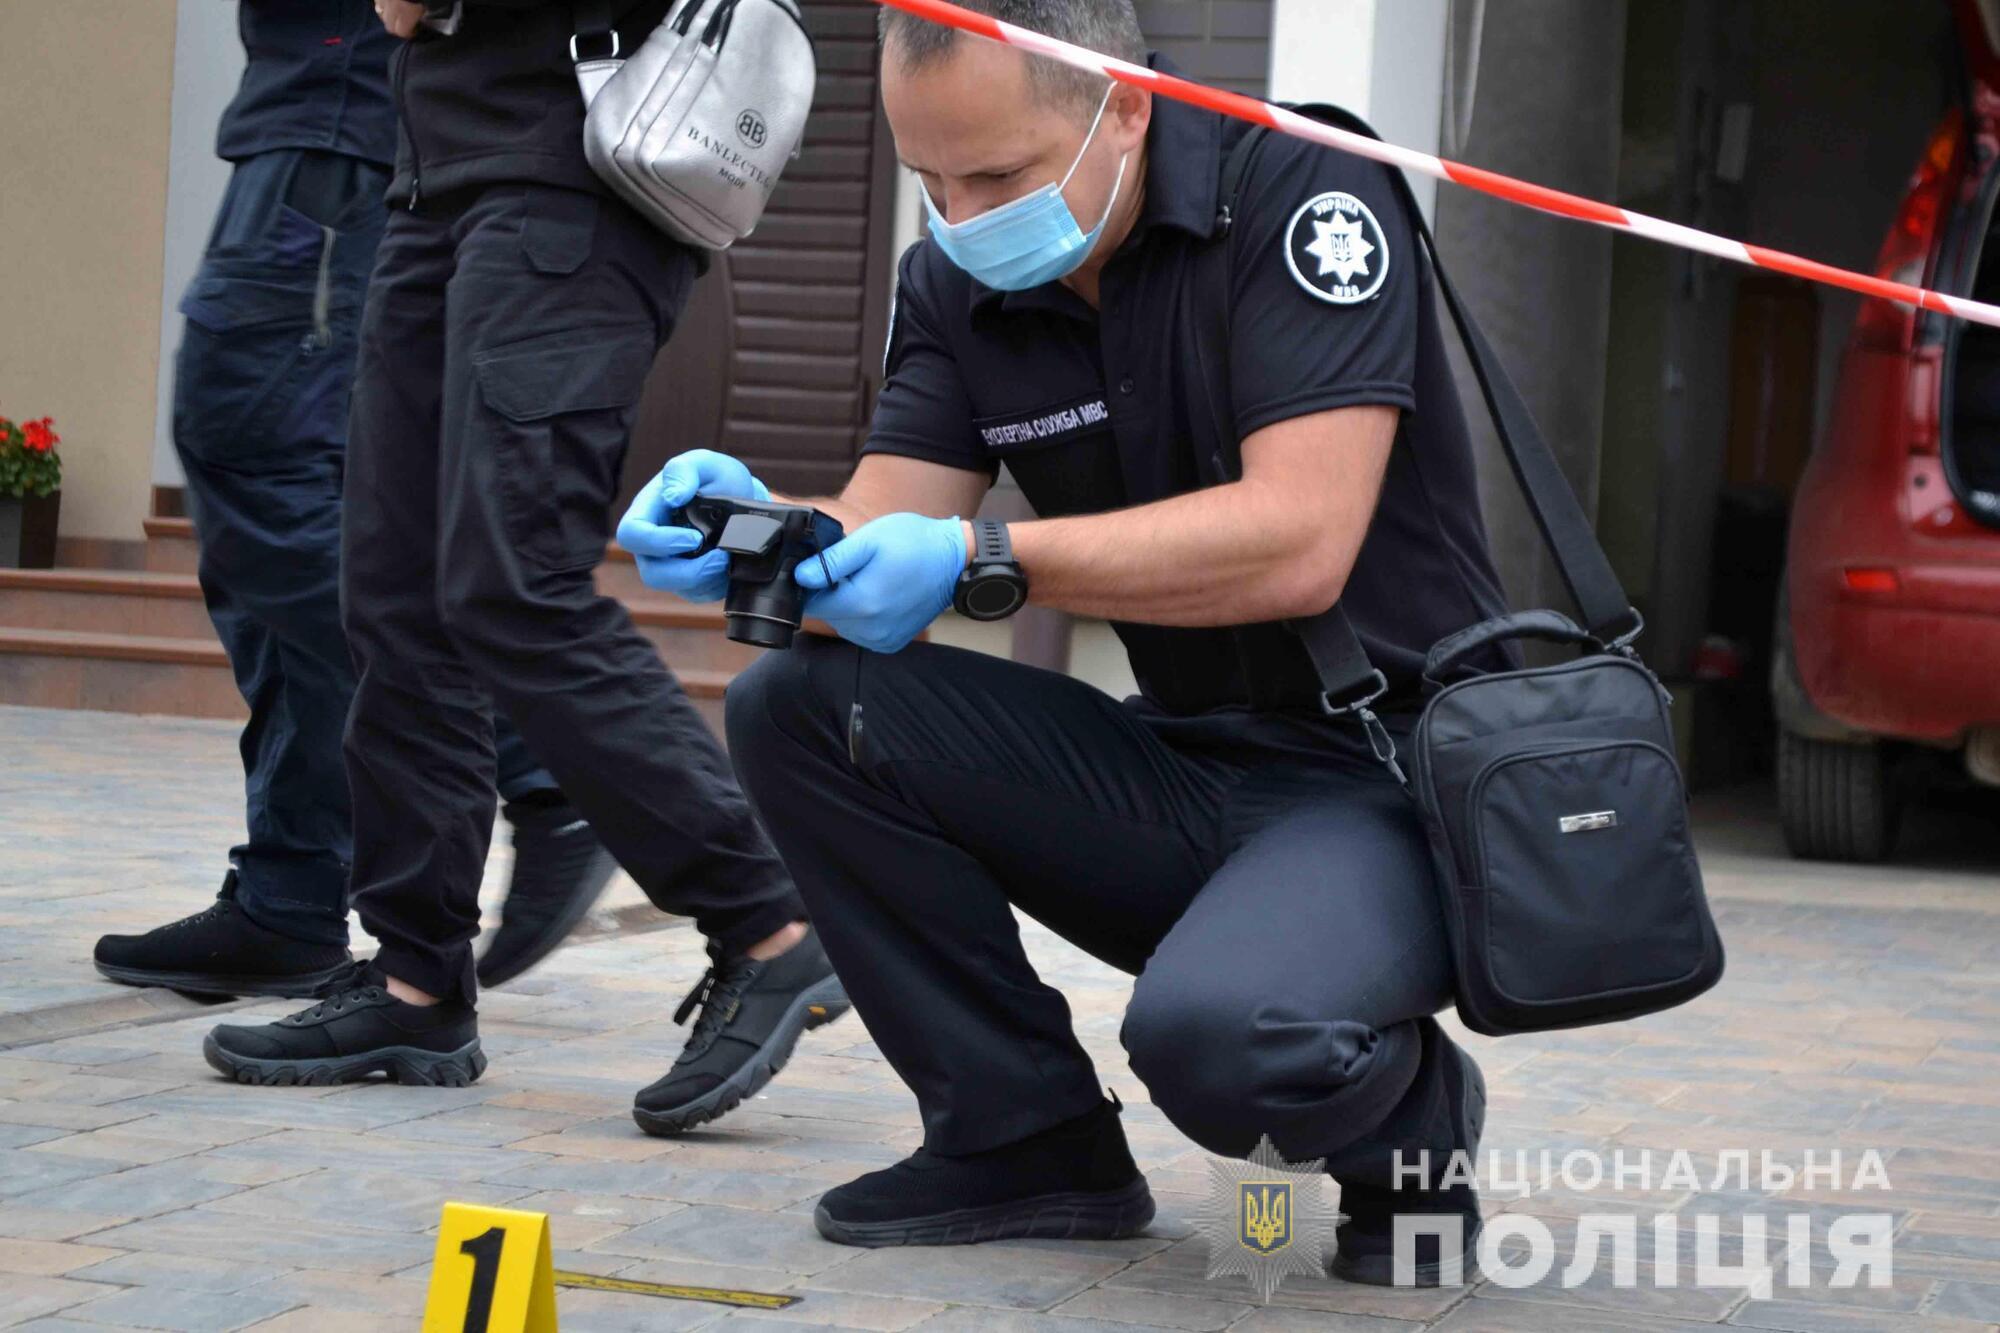 Подозреваемую доставили в больницу, но там ее охраняют.